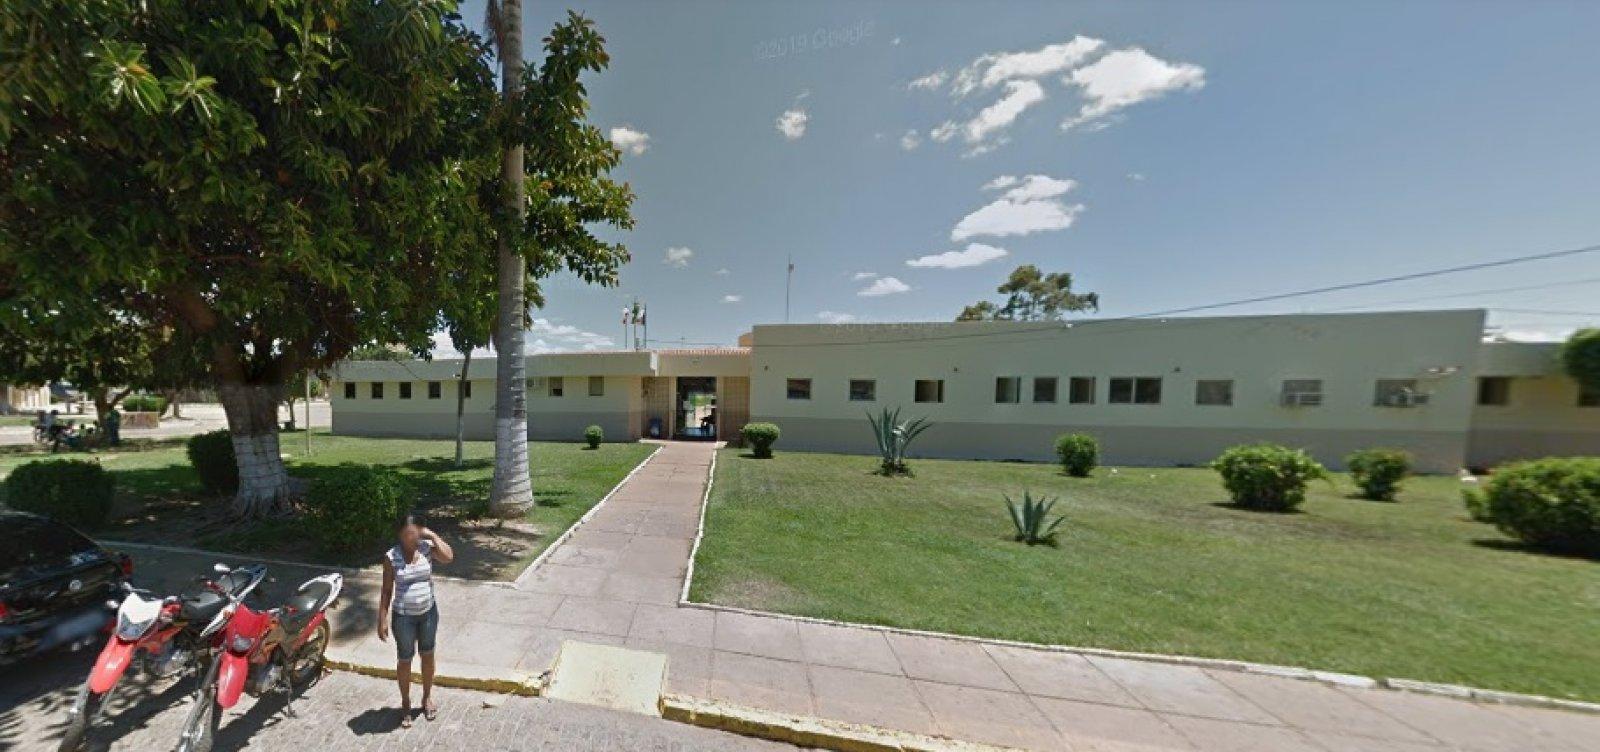 Casa Nova: Após matéria, prefeitura diz que perícia atestou valor de R$ 1,5 mi para imóvel